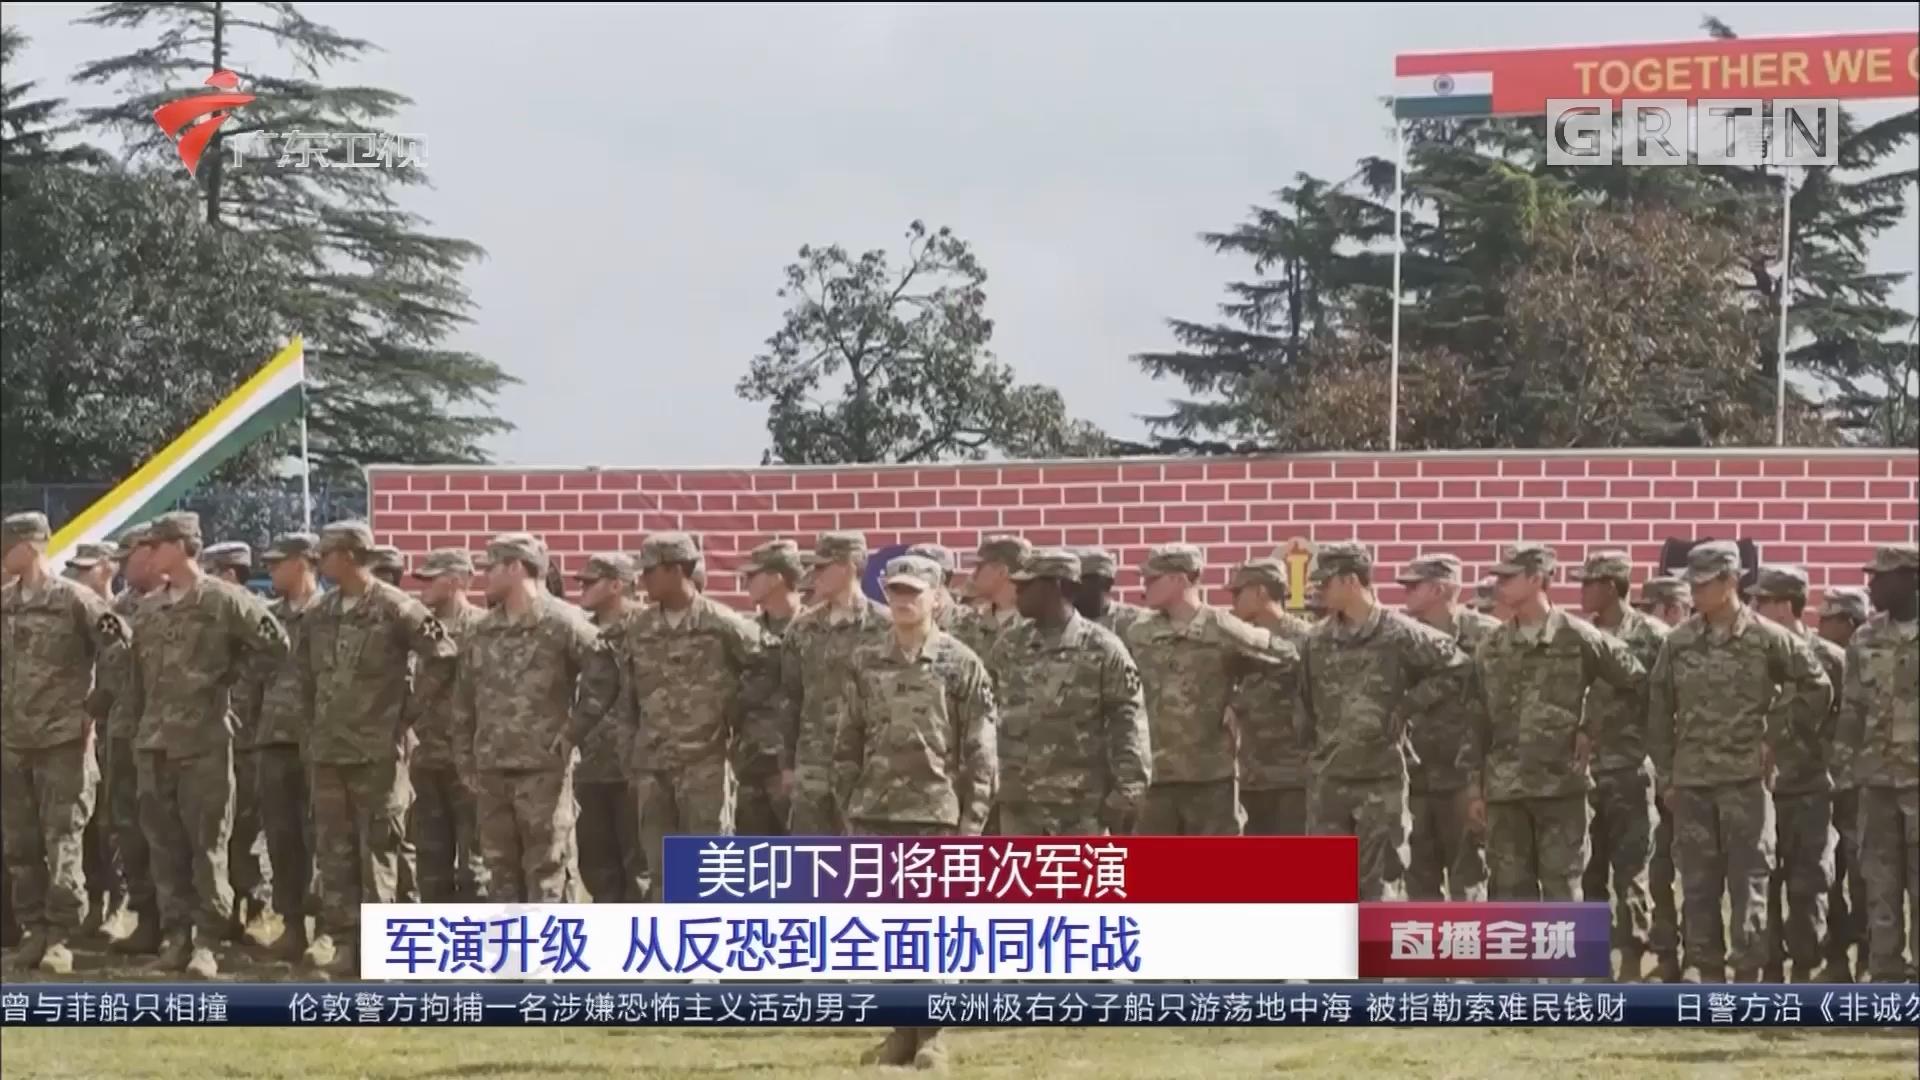 美印下月将再次军演 军演升级 从反恐到全面协同作战